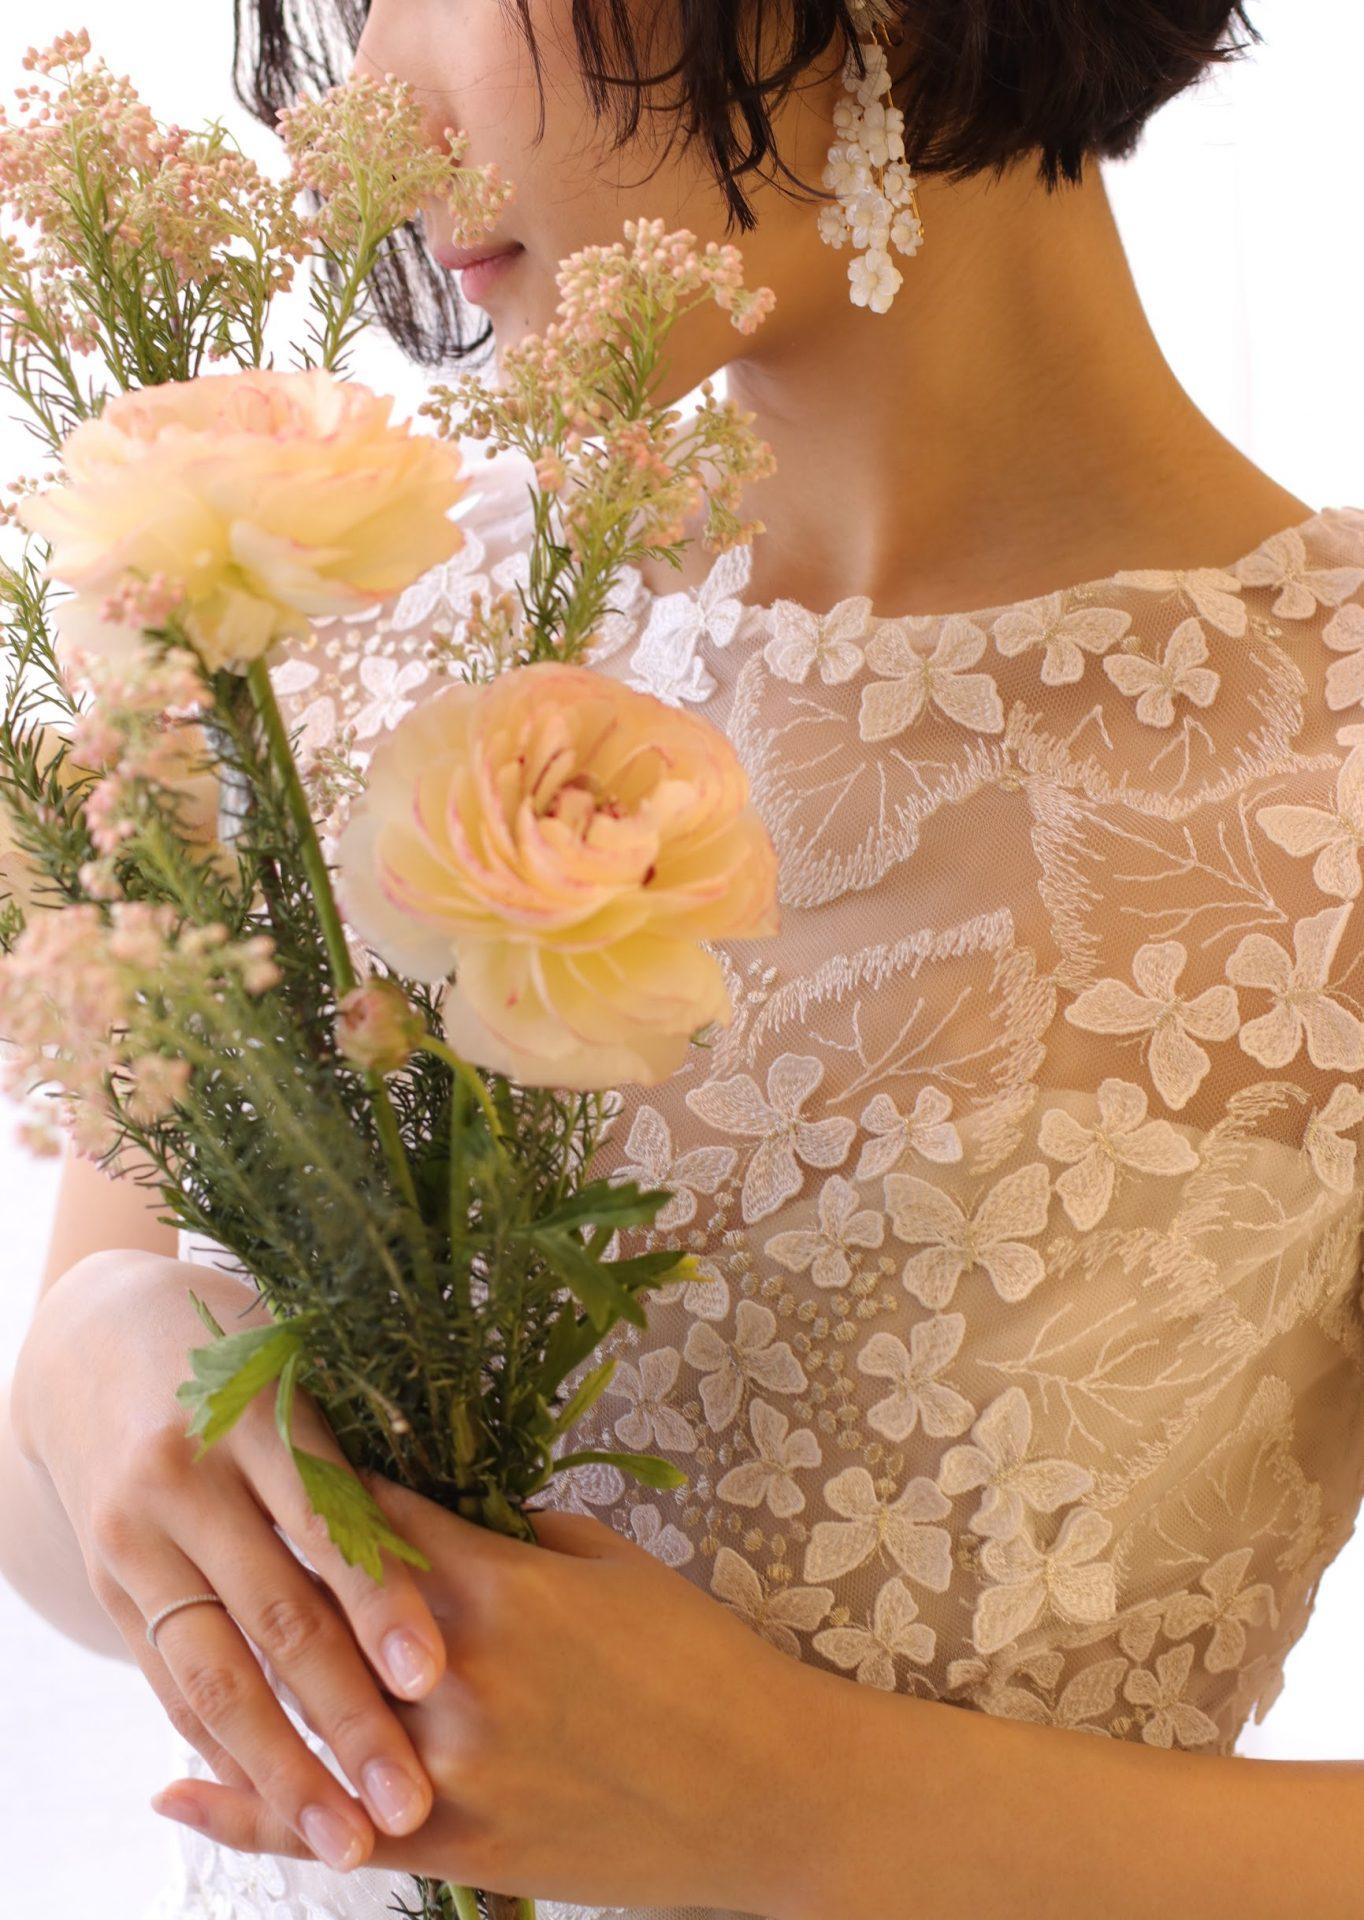 あじさいの花に蝶々が集まるようなレースをふんだんに使用したウェディングドレスに、ジャニファーベアの白い小花のイヤリングをコーディネートした、おしゃれなフェミニンスタイルです